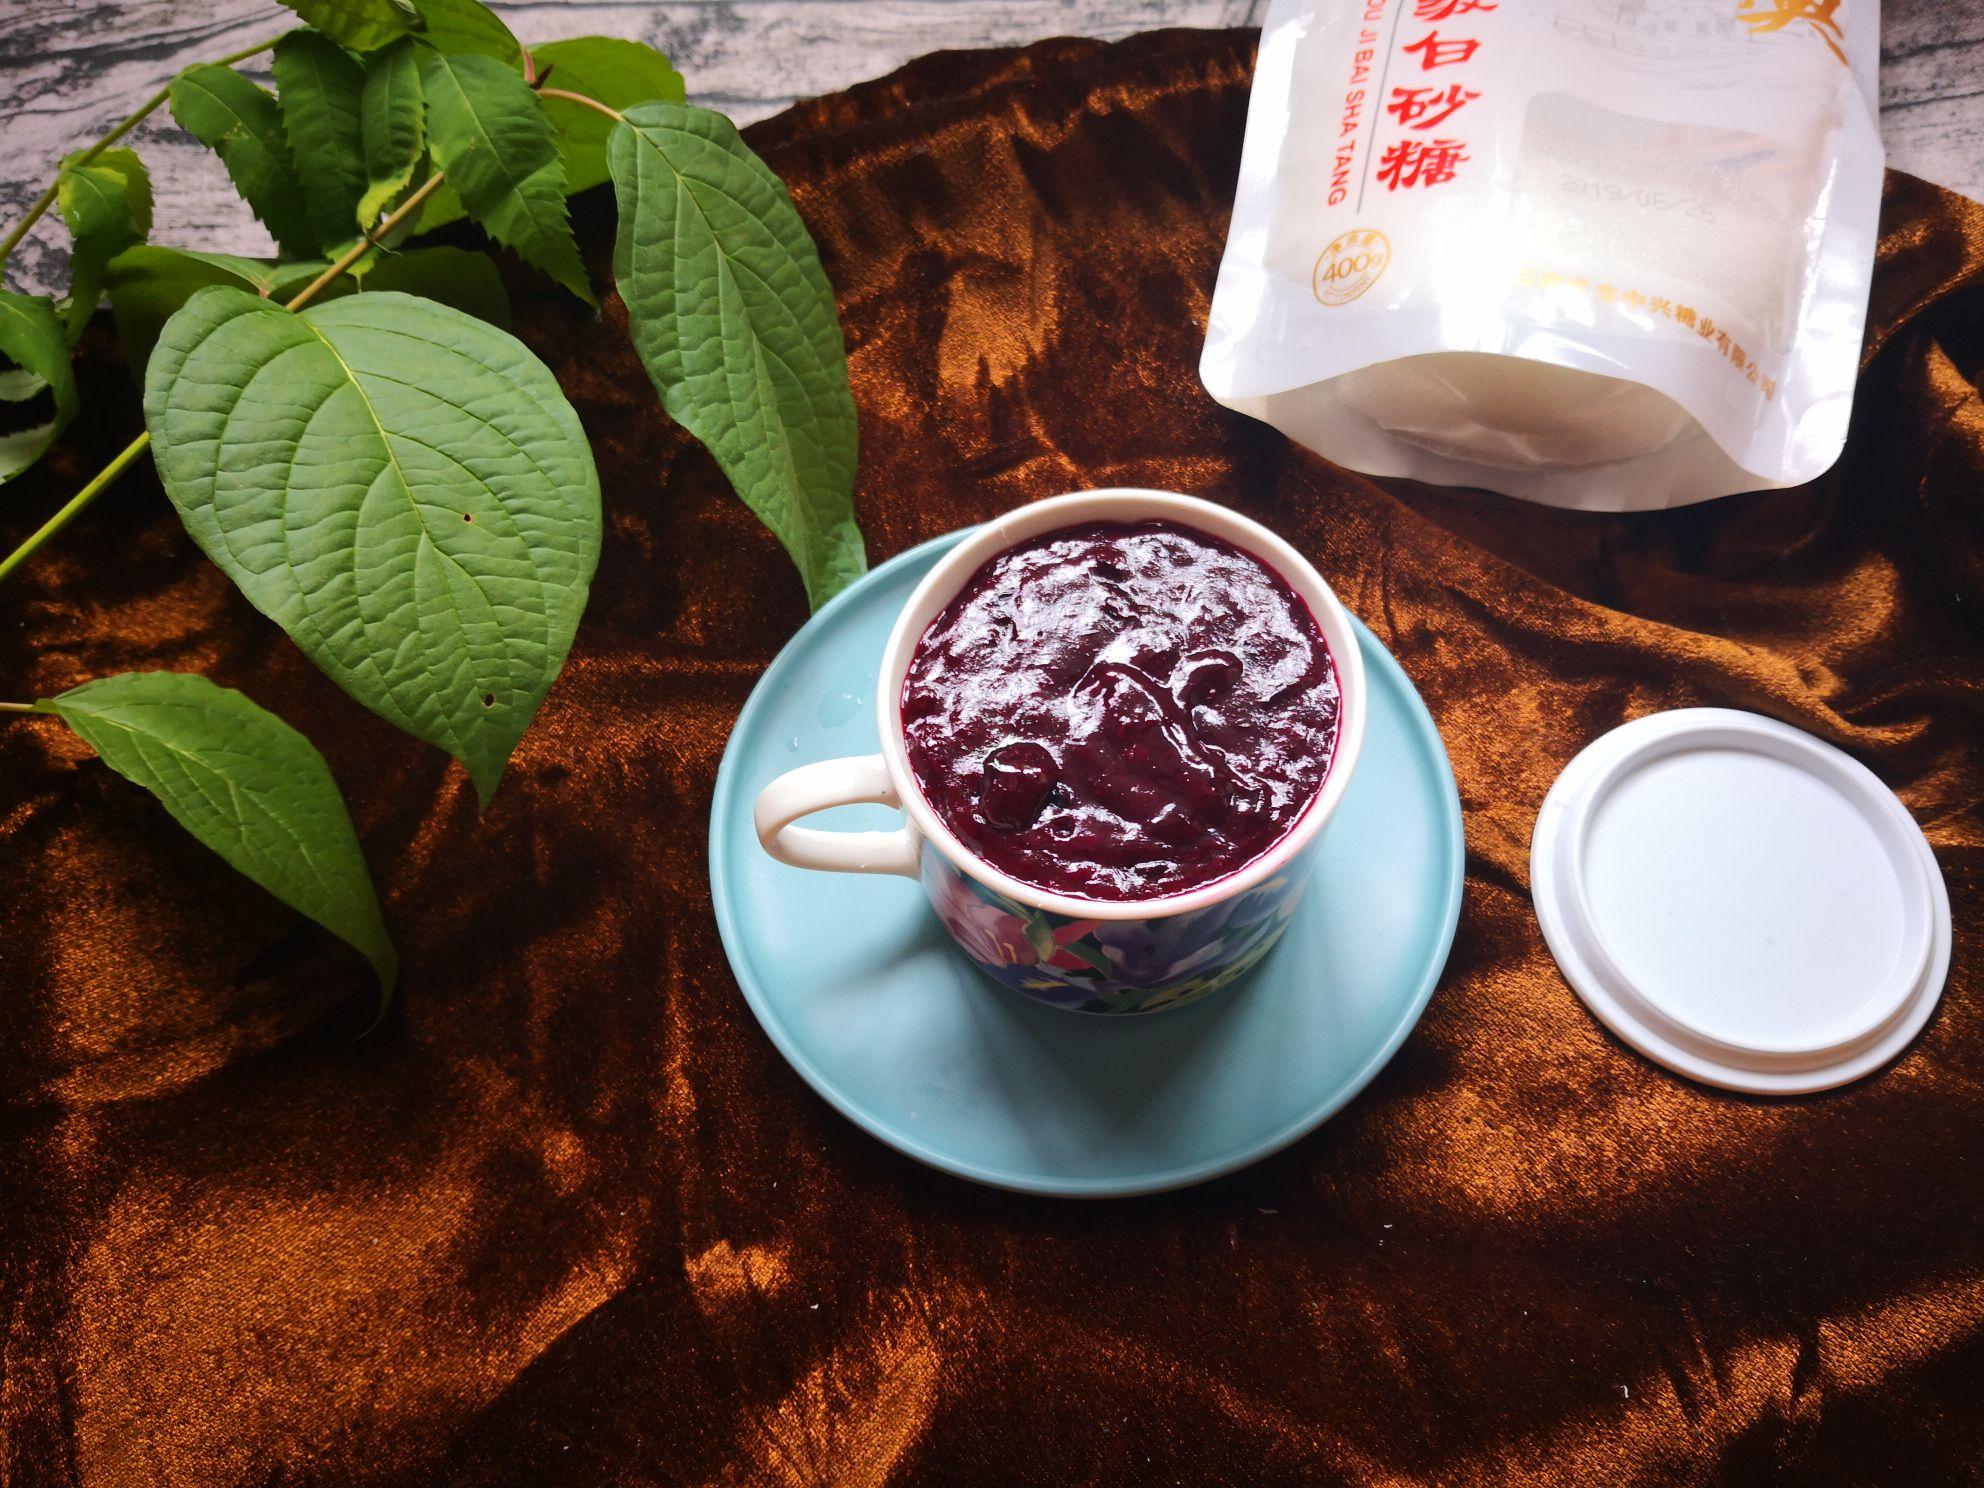 蓝莓樱桃果酱怎样做